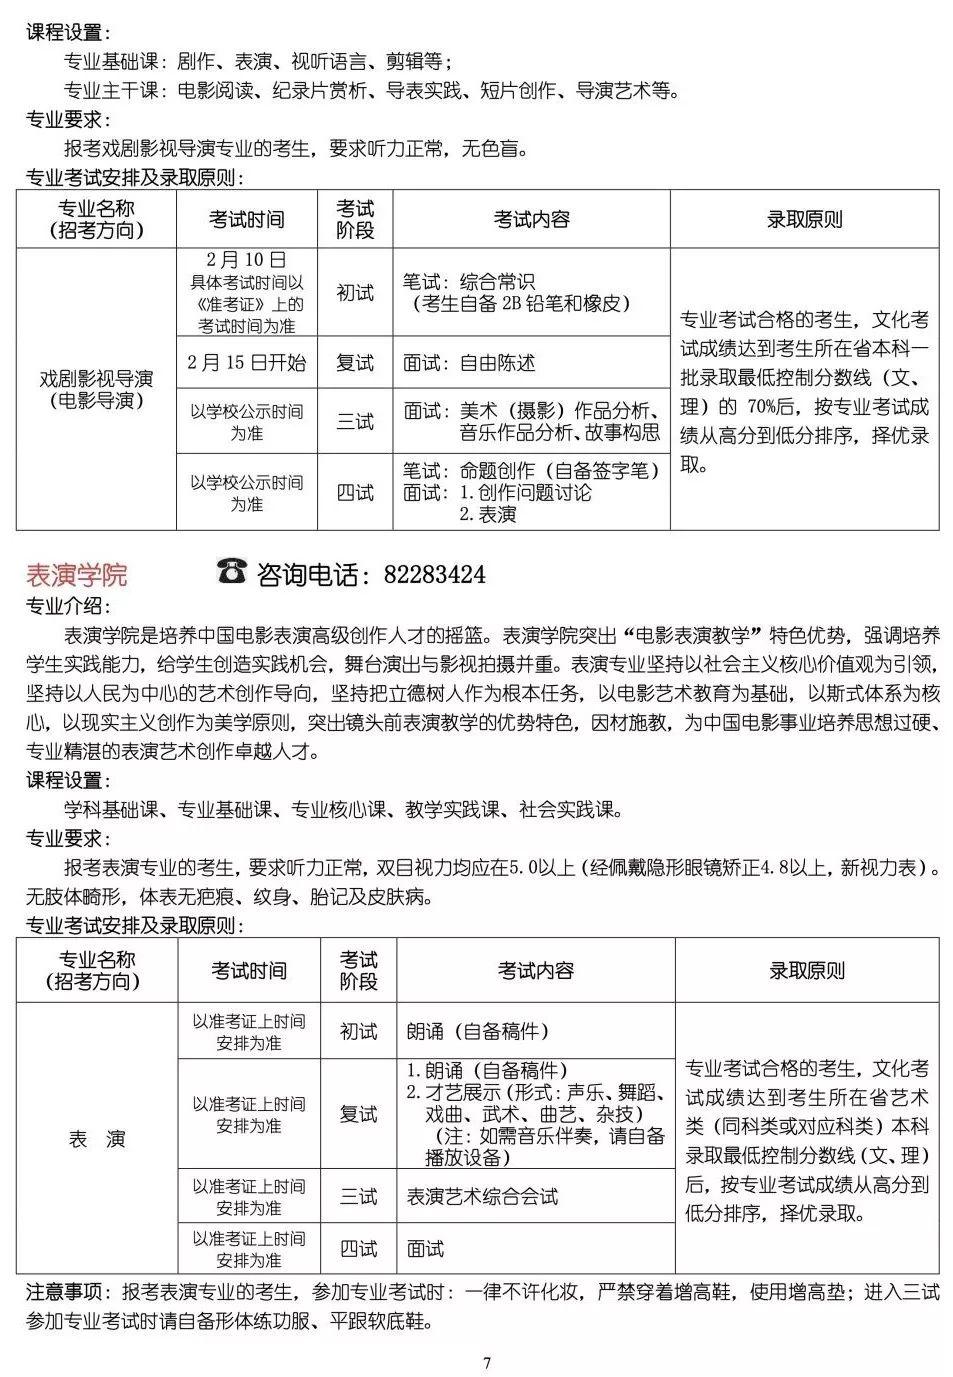 中国传媒大学,北京电影学院,中央戏剧学院,北京巅峰广艺画室       21